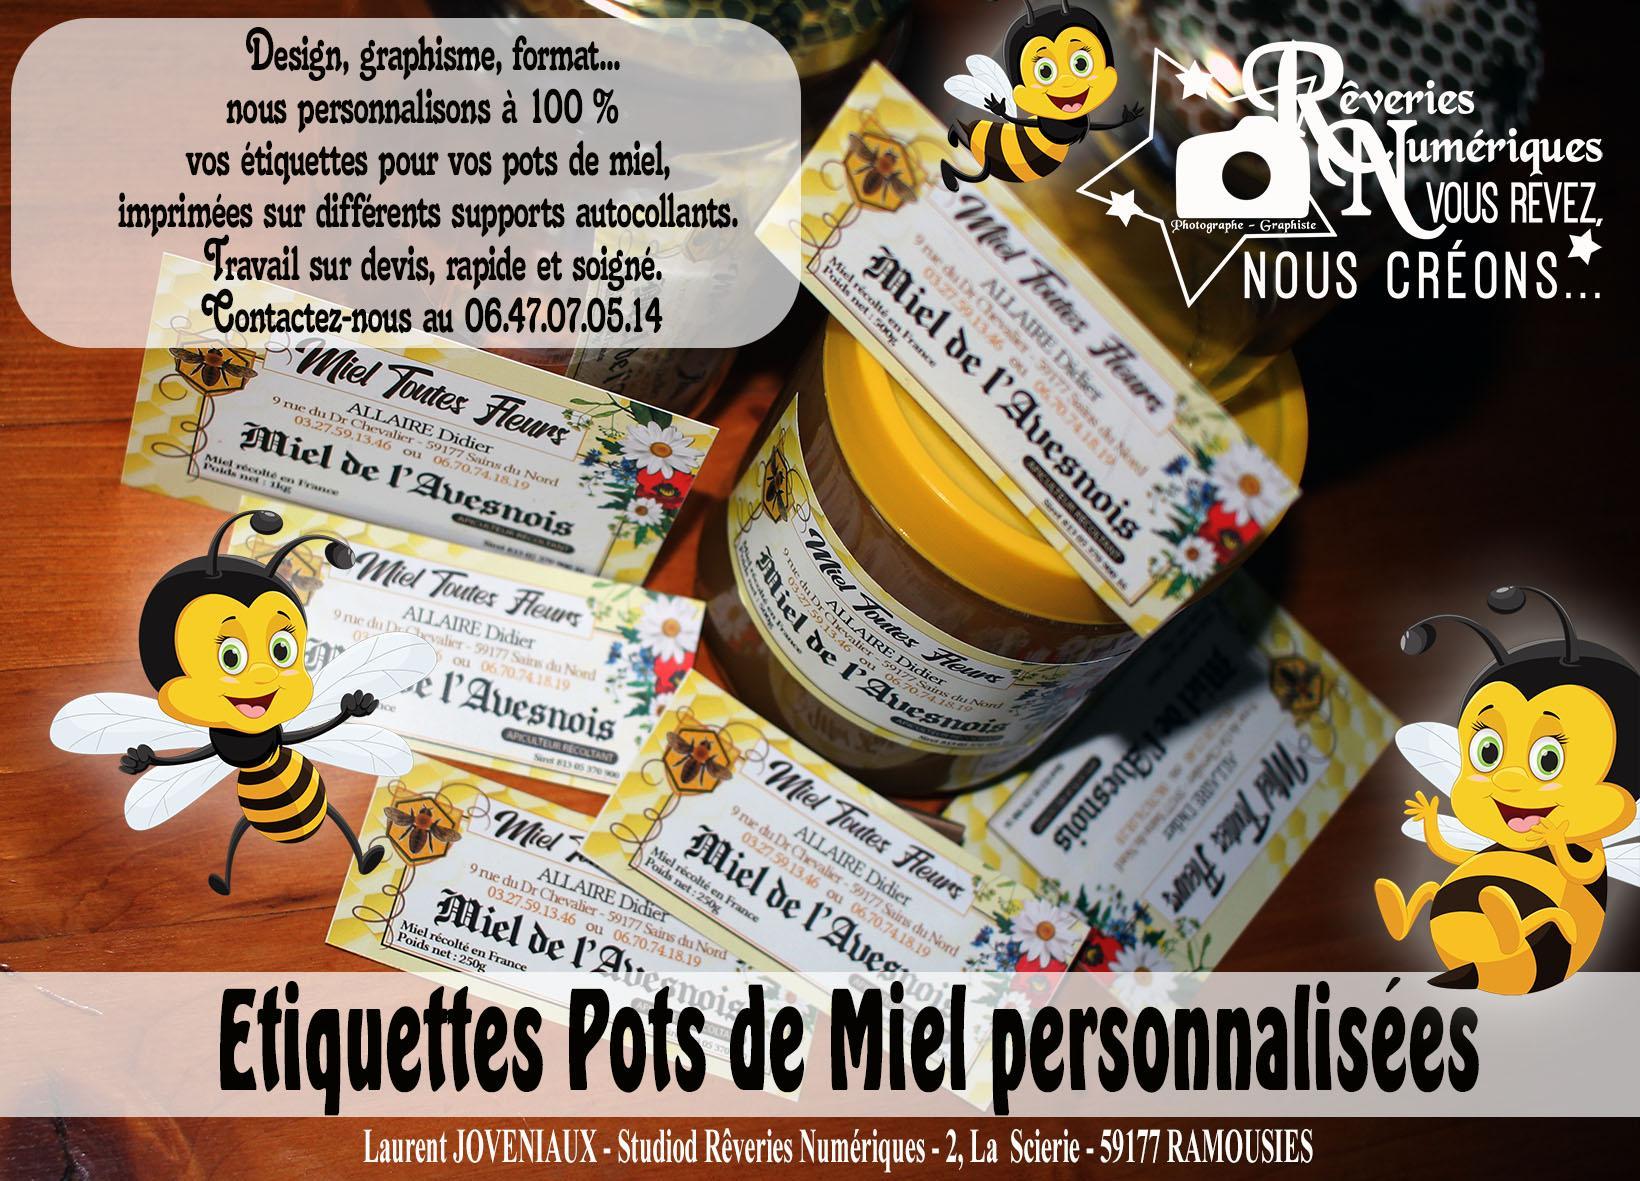 Joveniaux graphiste apiculteur miel etiquette pot imprimerie personnalise fourmies nord